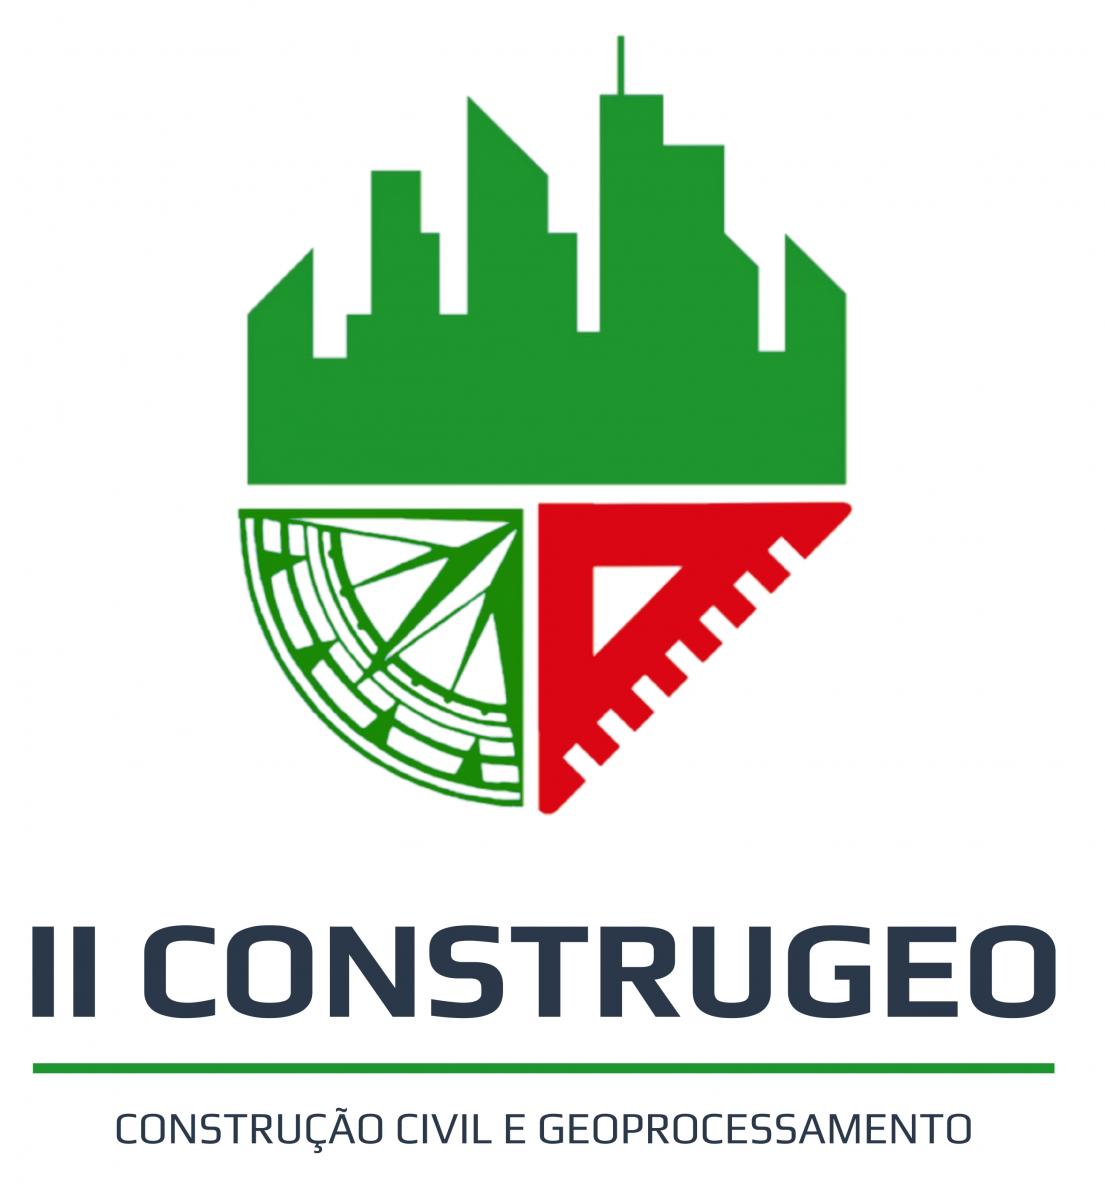 II CONSTRUGEO